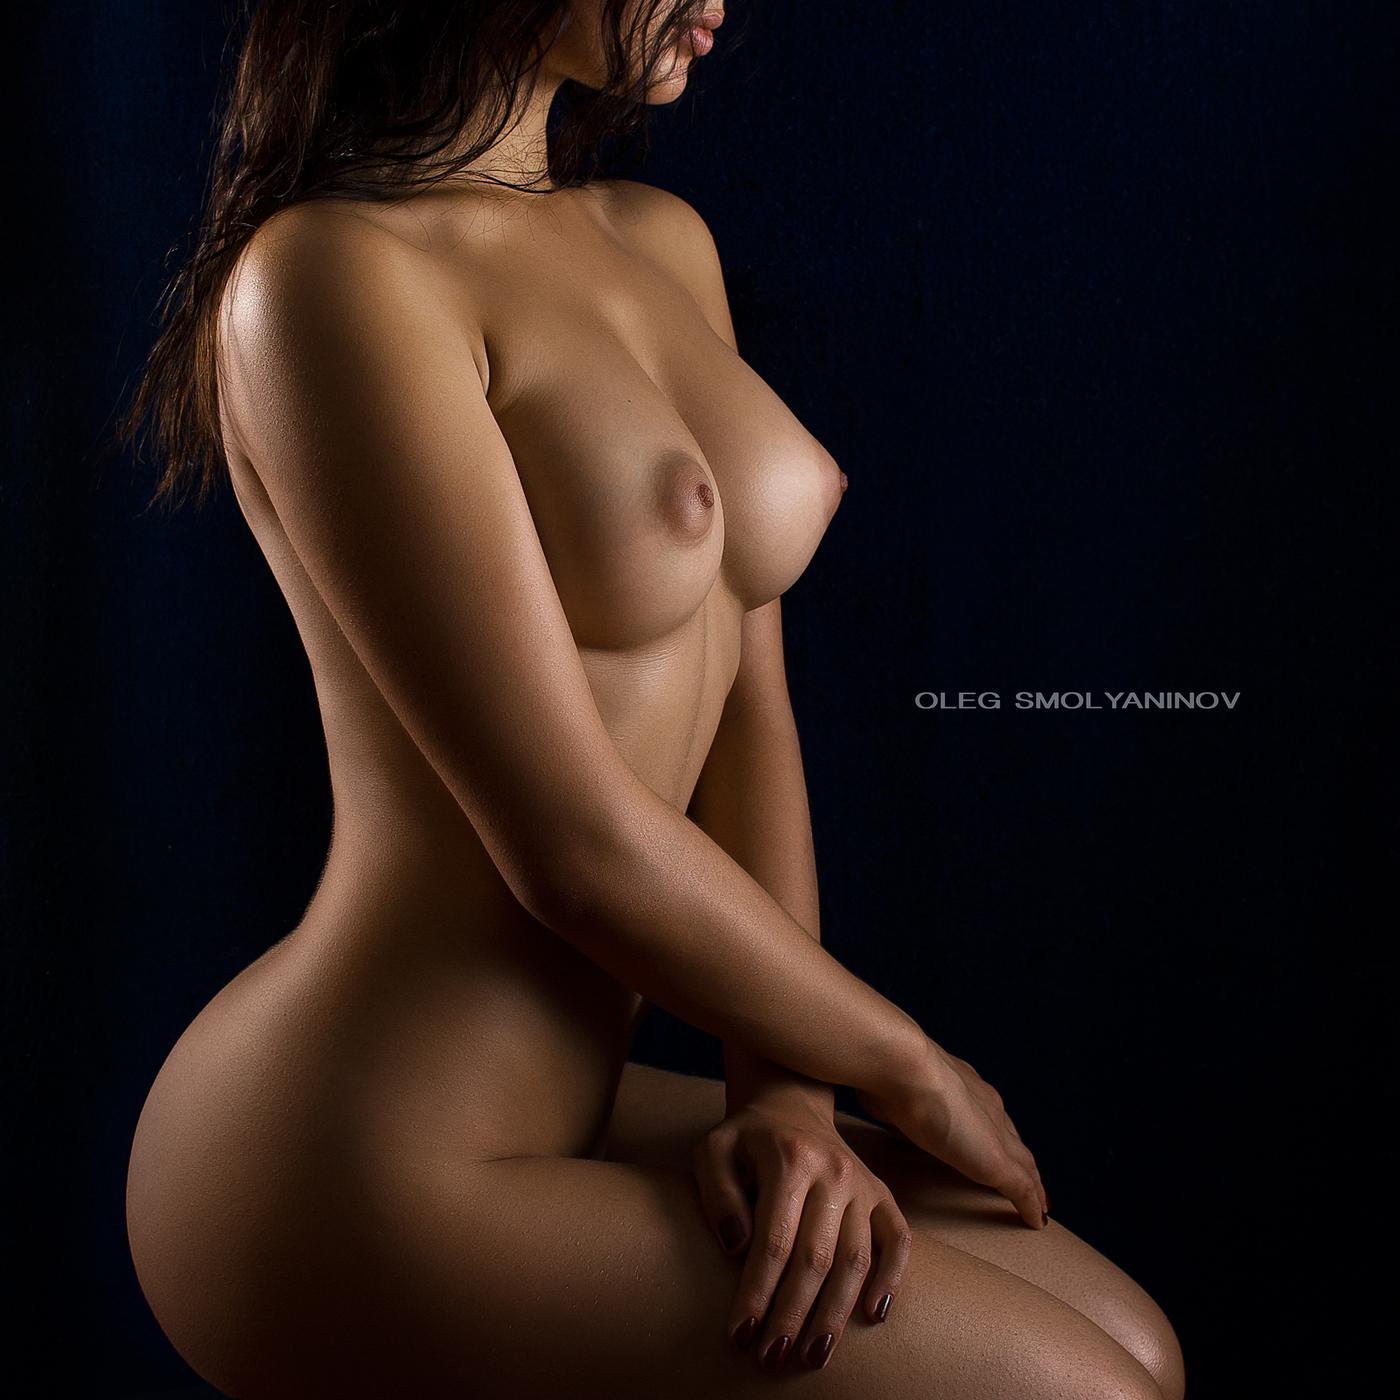 Обнаженные женские тела лучшие фото — img 3